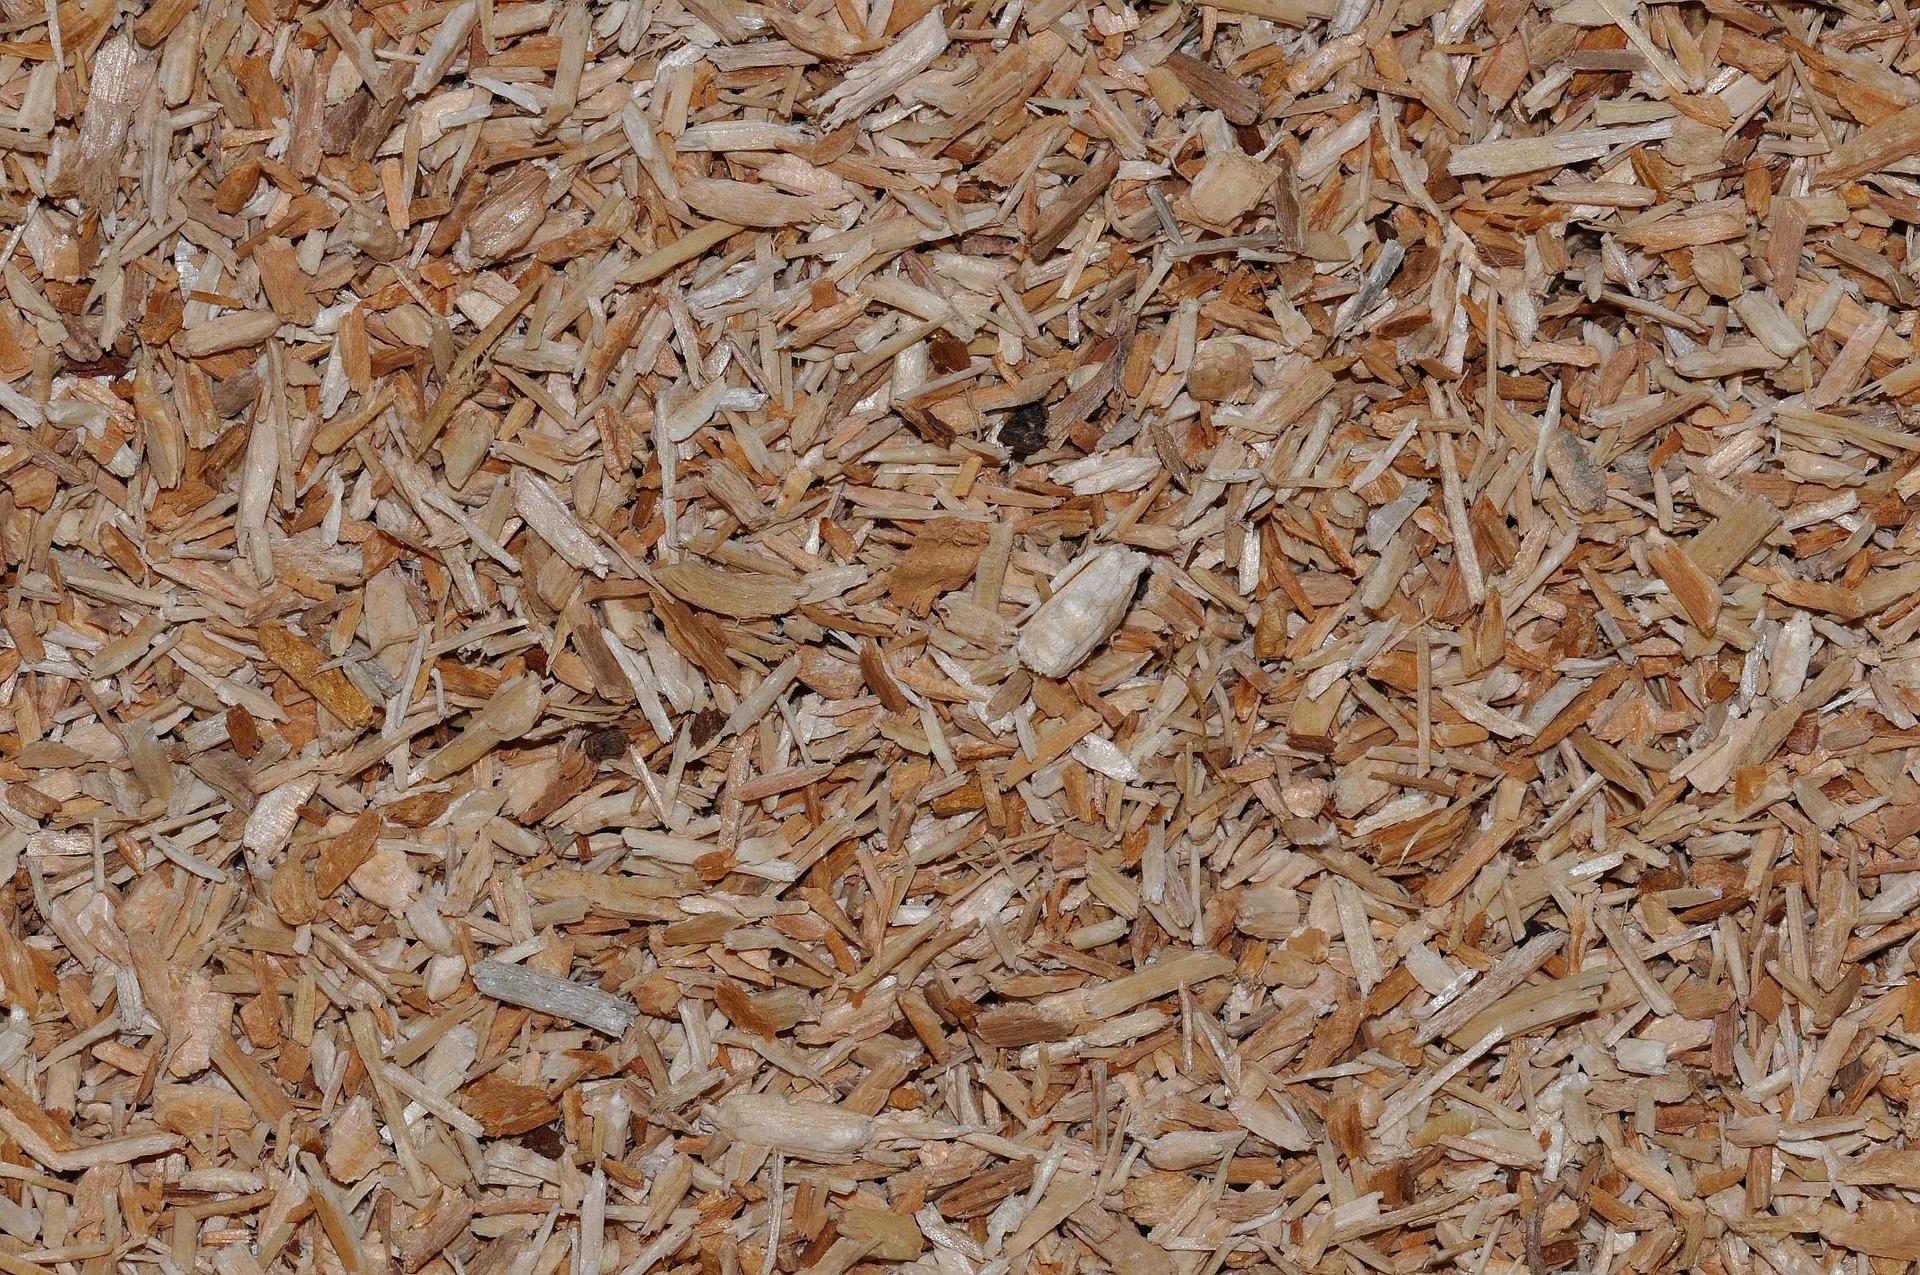 Bioenergie auf baumarktblog24.de